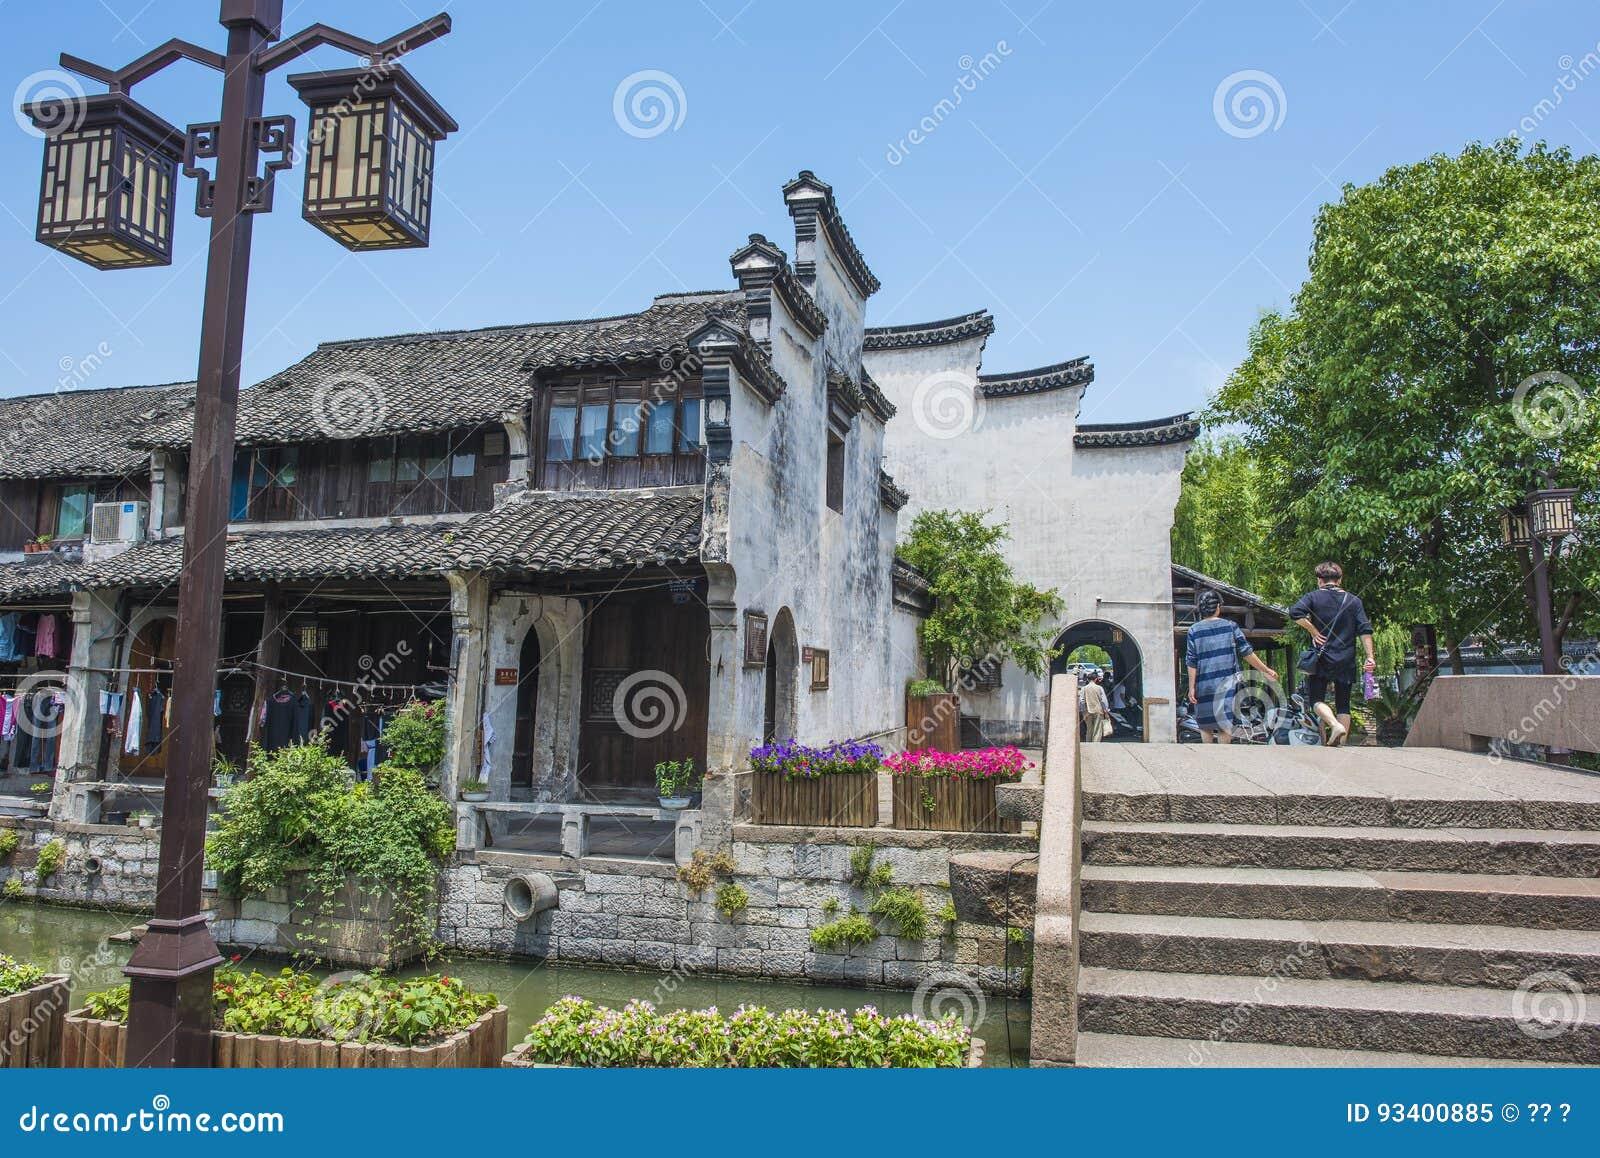 Zhejiang Huzhou Nanxun town